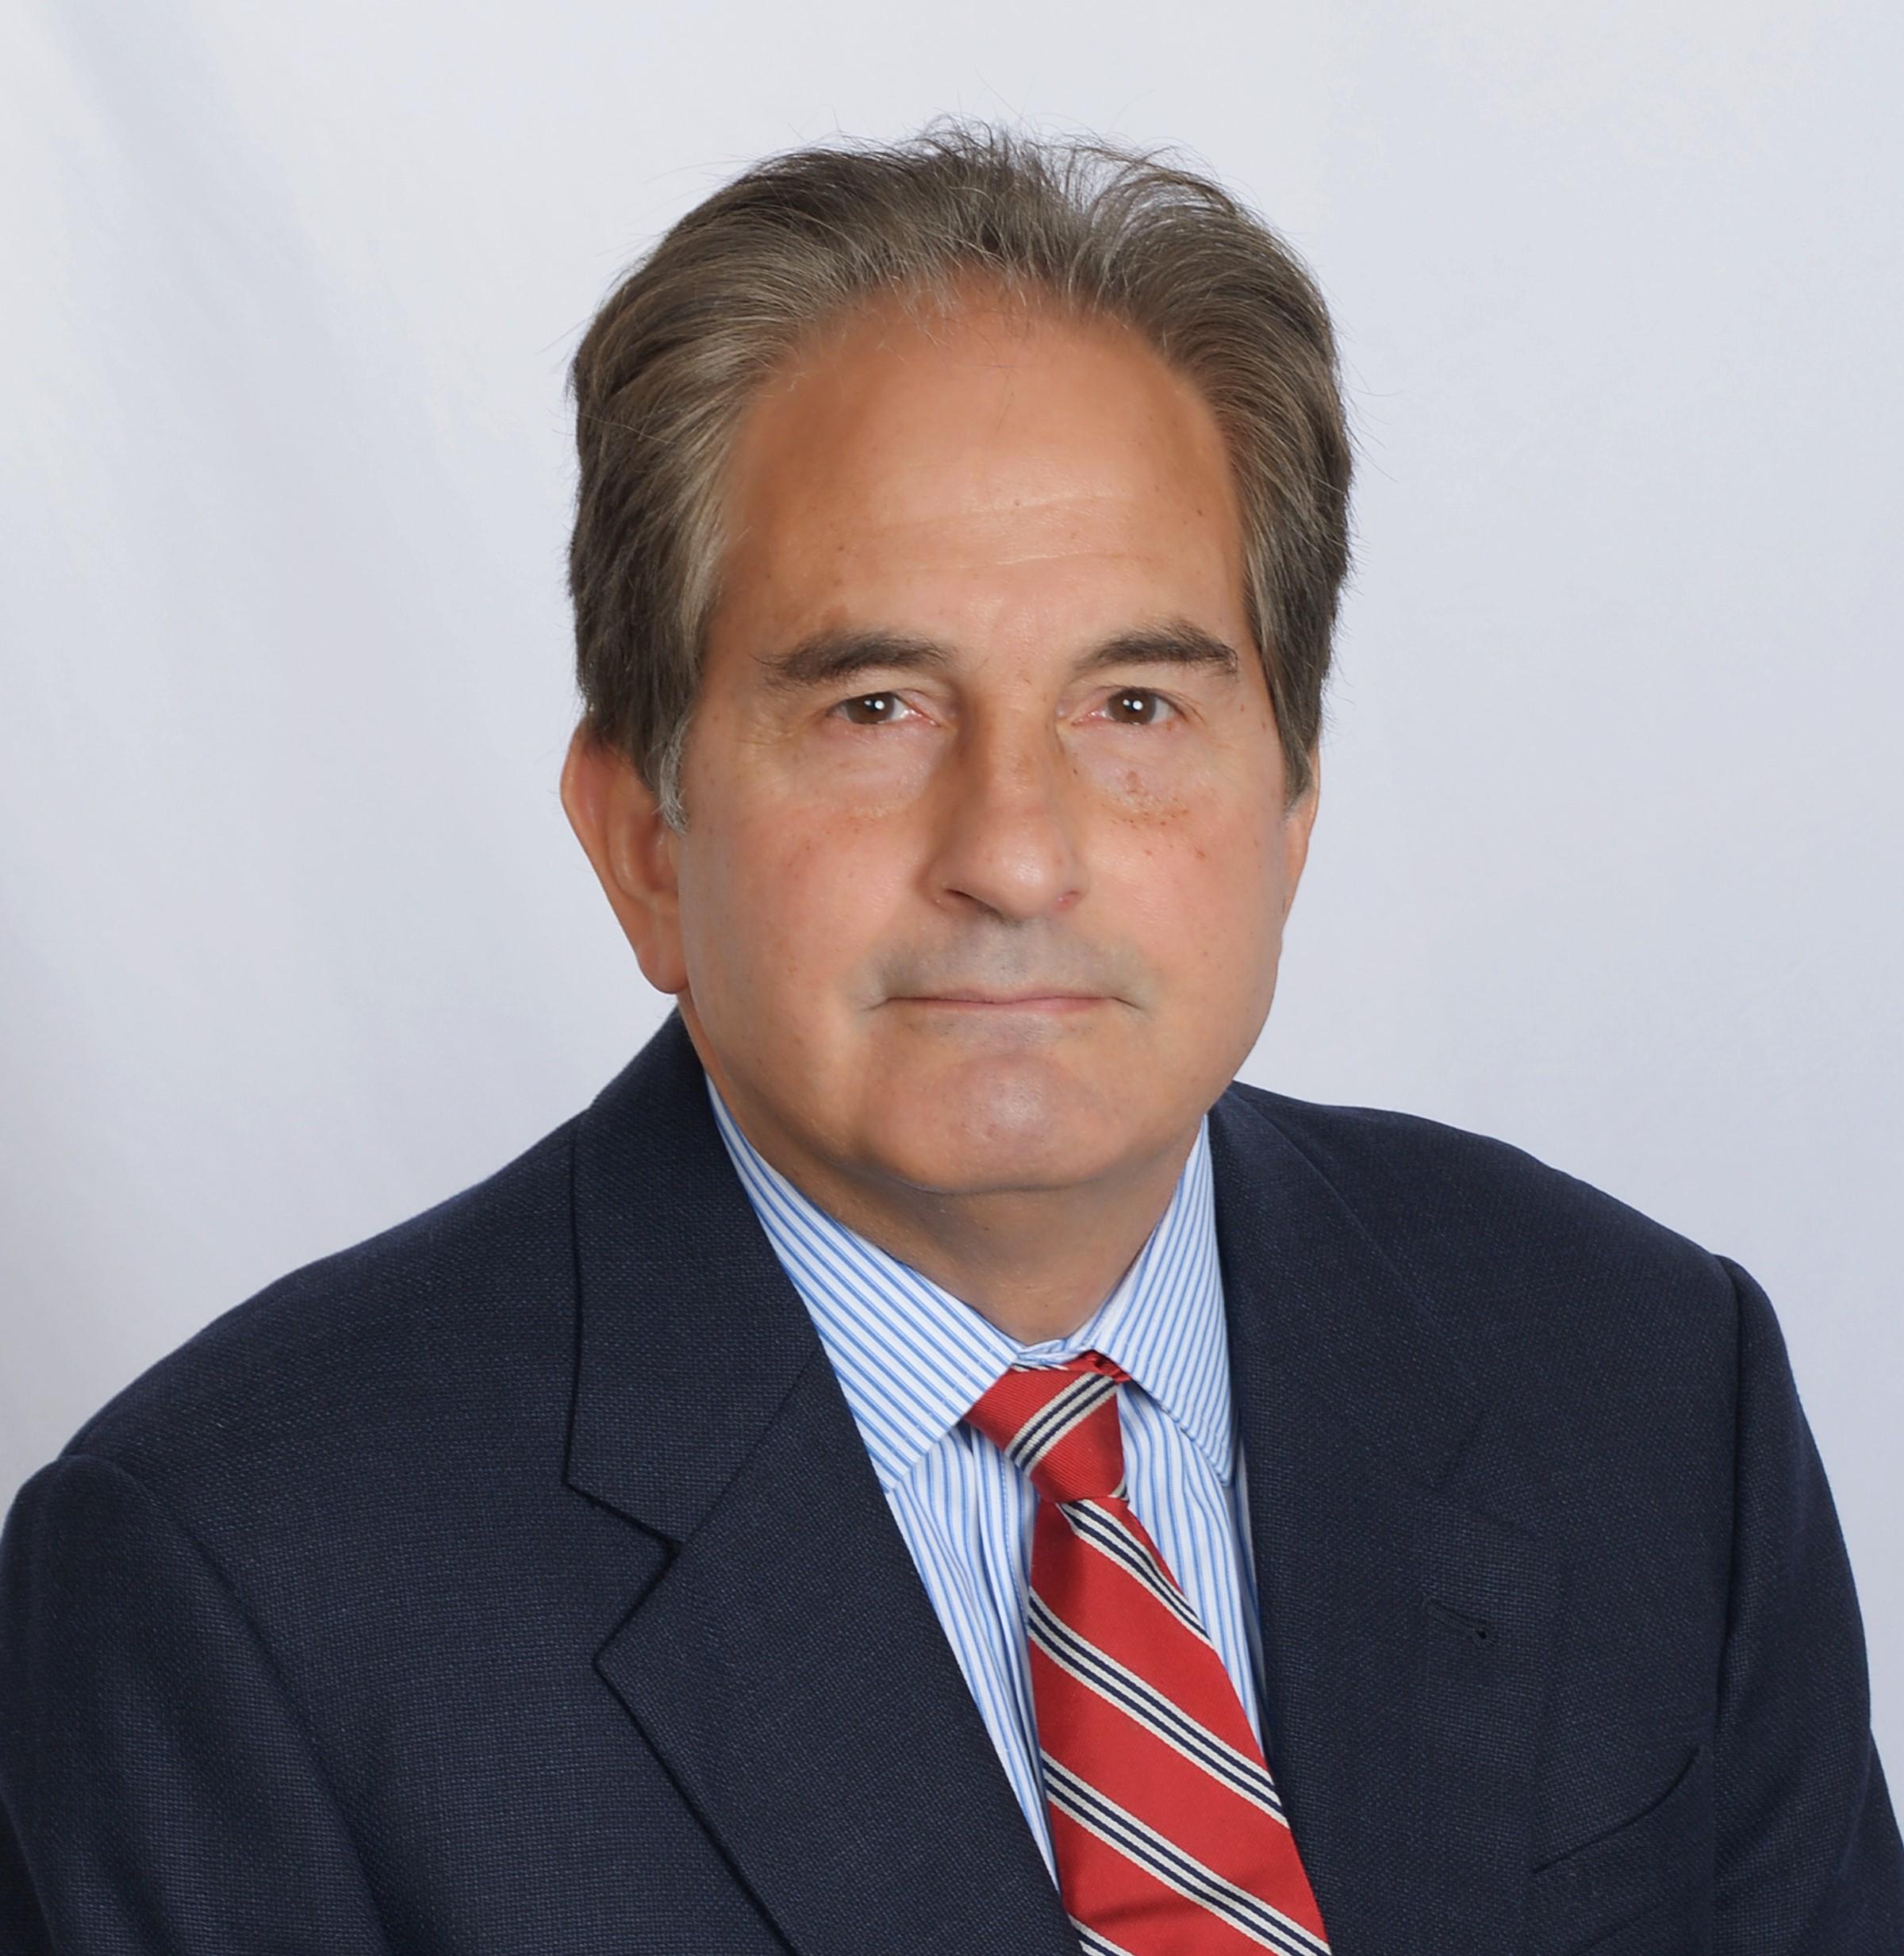 Rick Marino